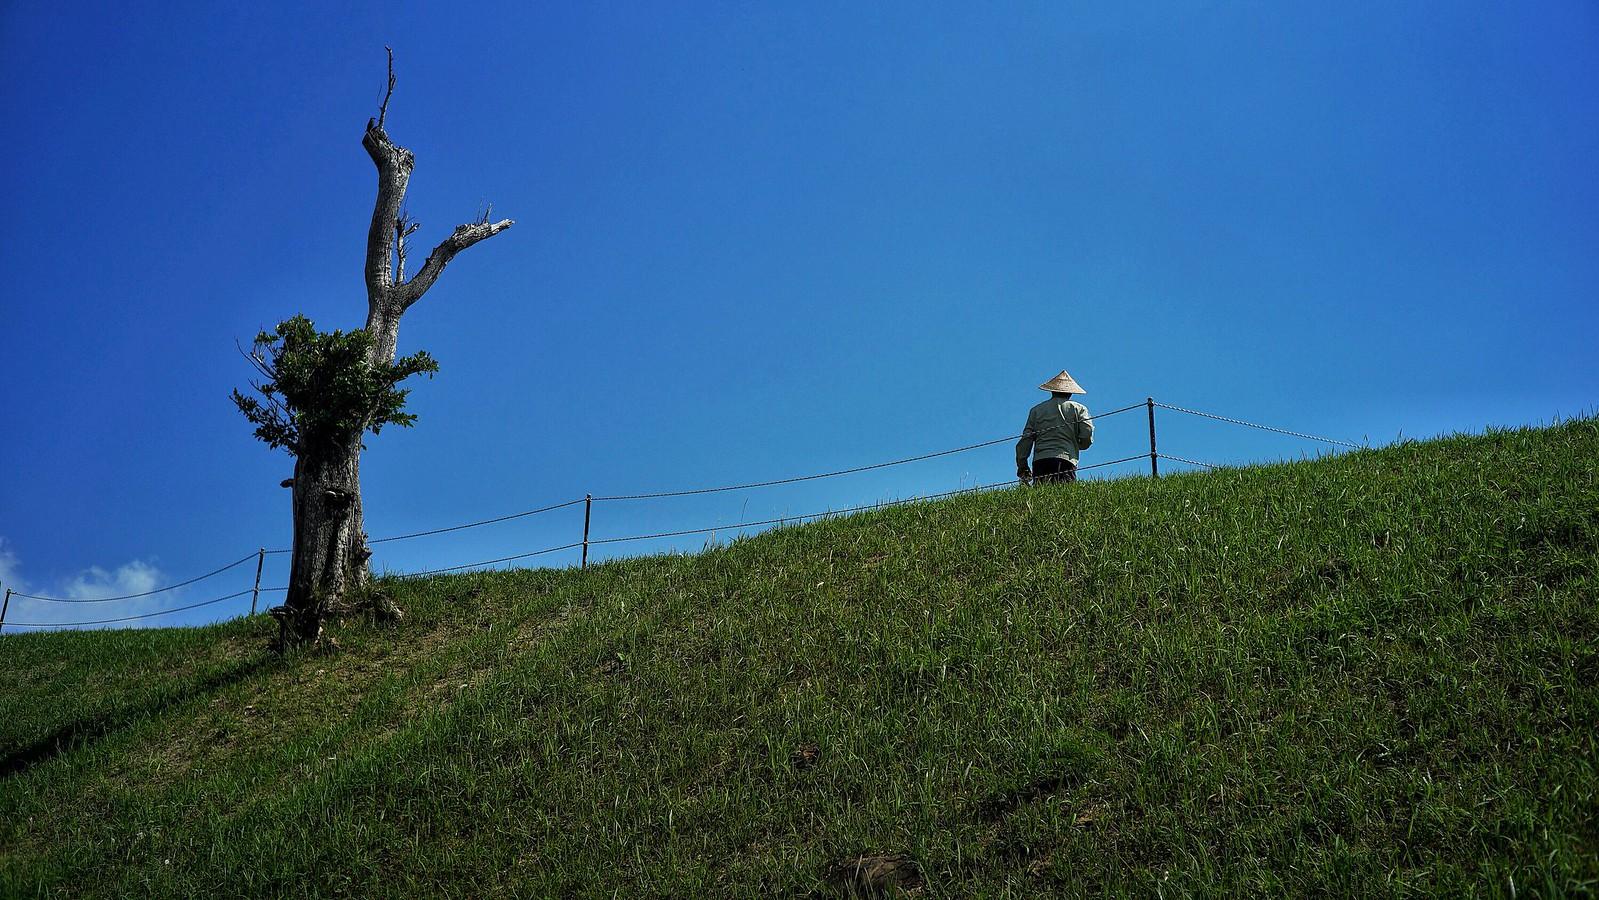 Nakagusuku Gardener #SonyA7 #Voigtlander40mm #japan15 #foto #Okinawa